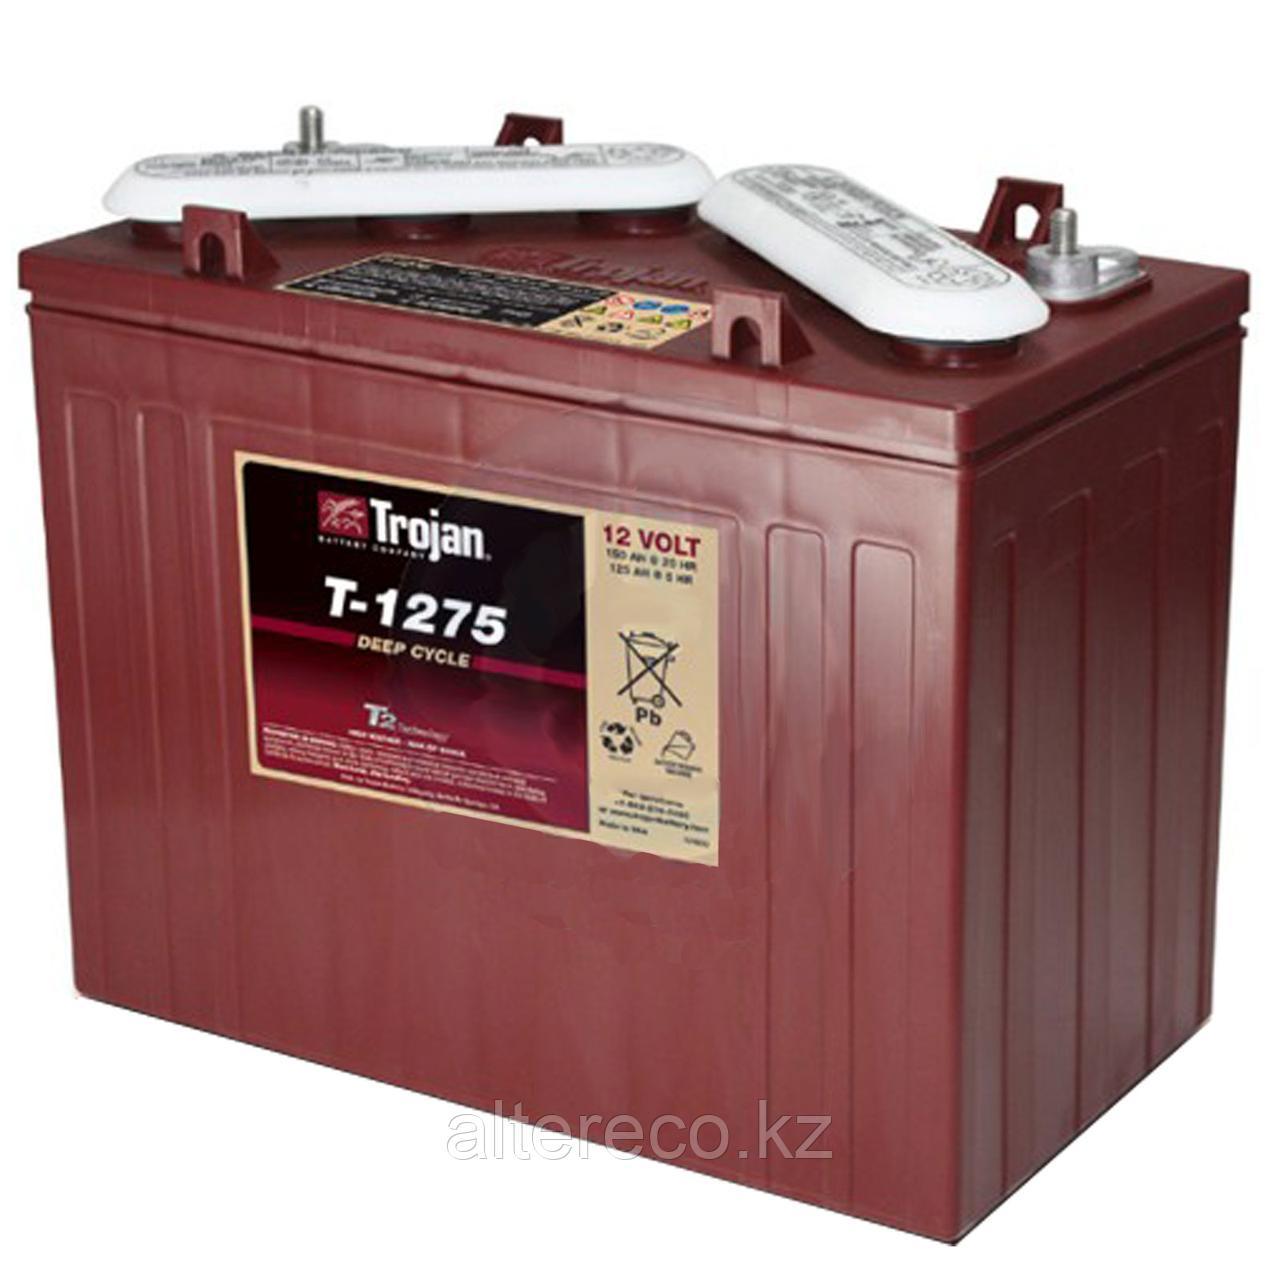 Тяговый аккумулятор Trojan T-1275+ (12В, 150Ач)